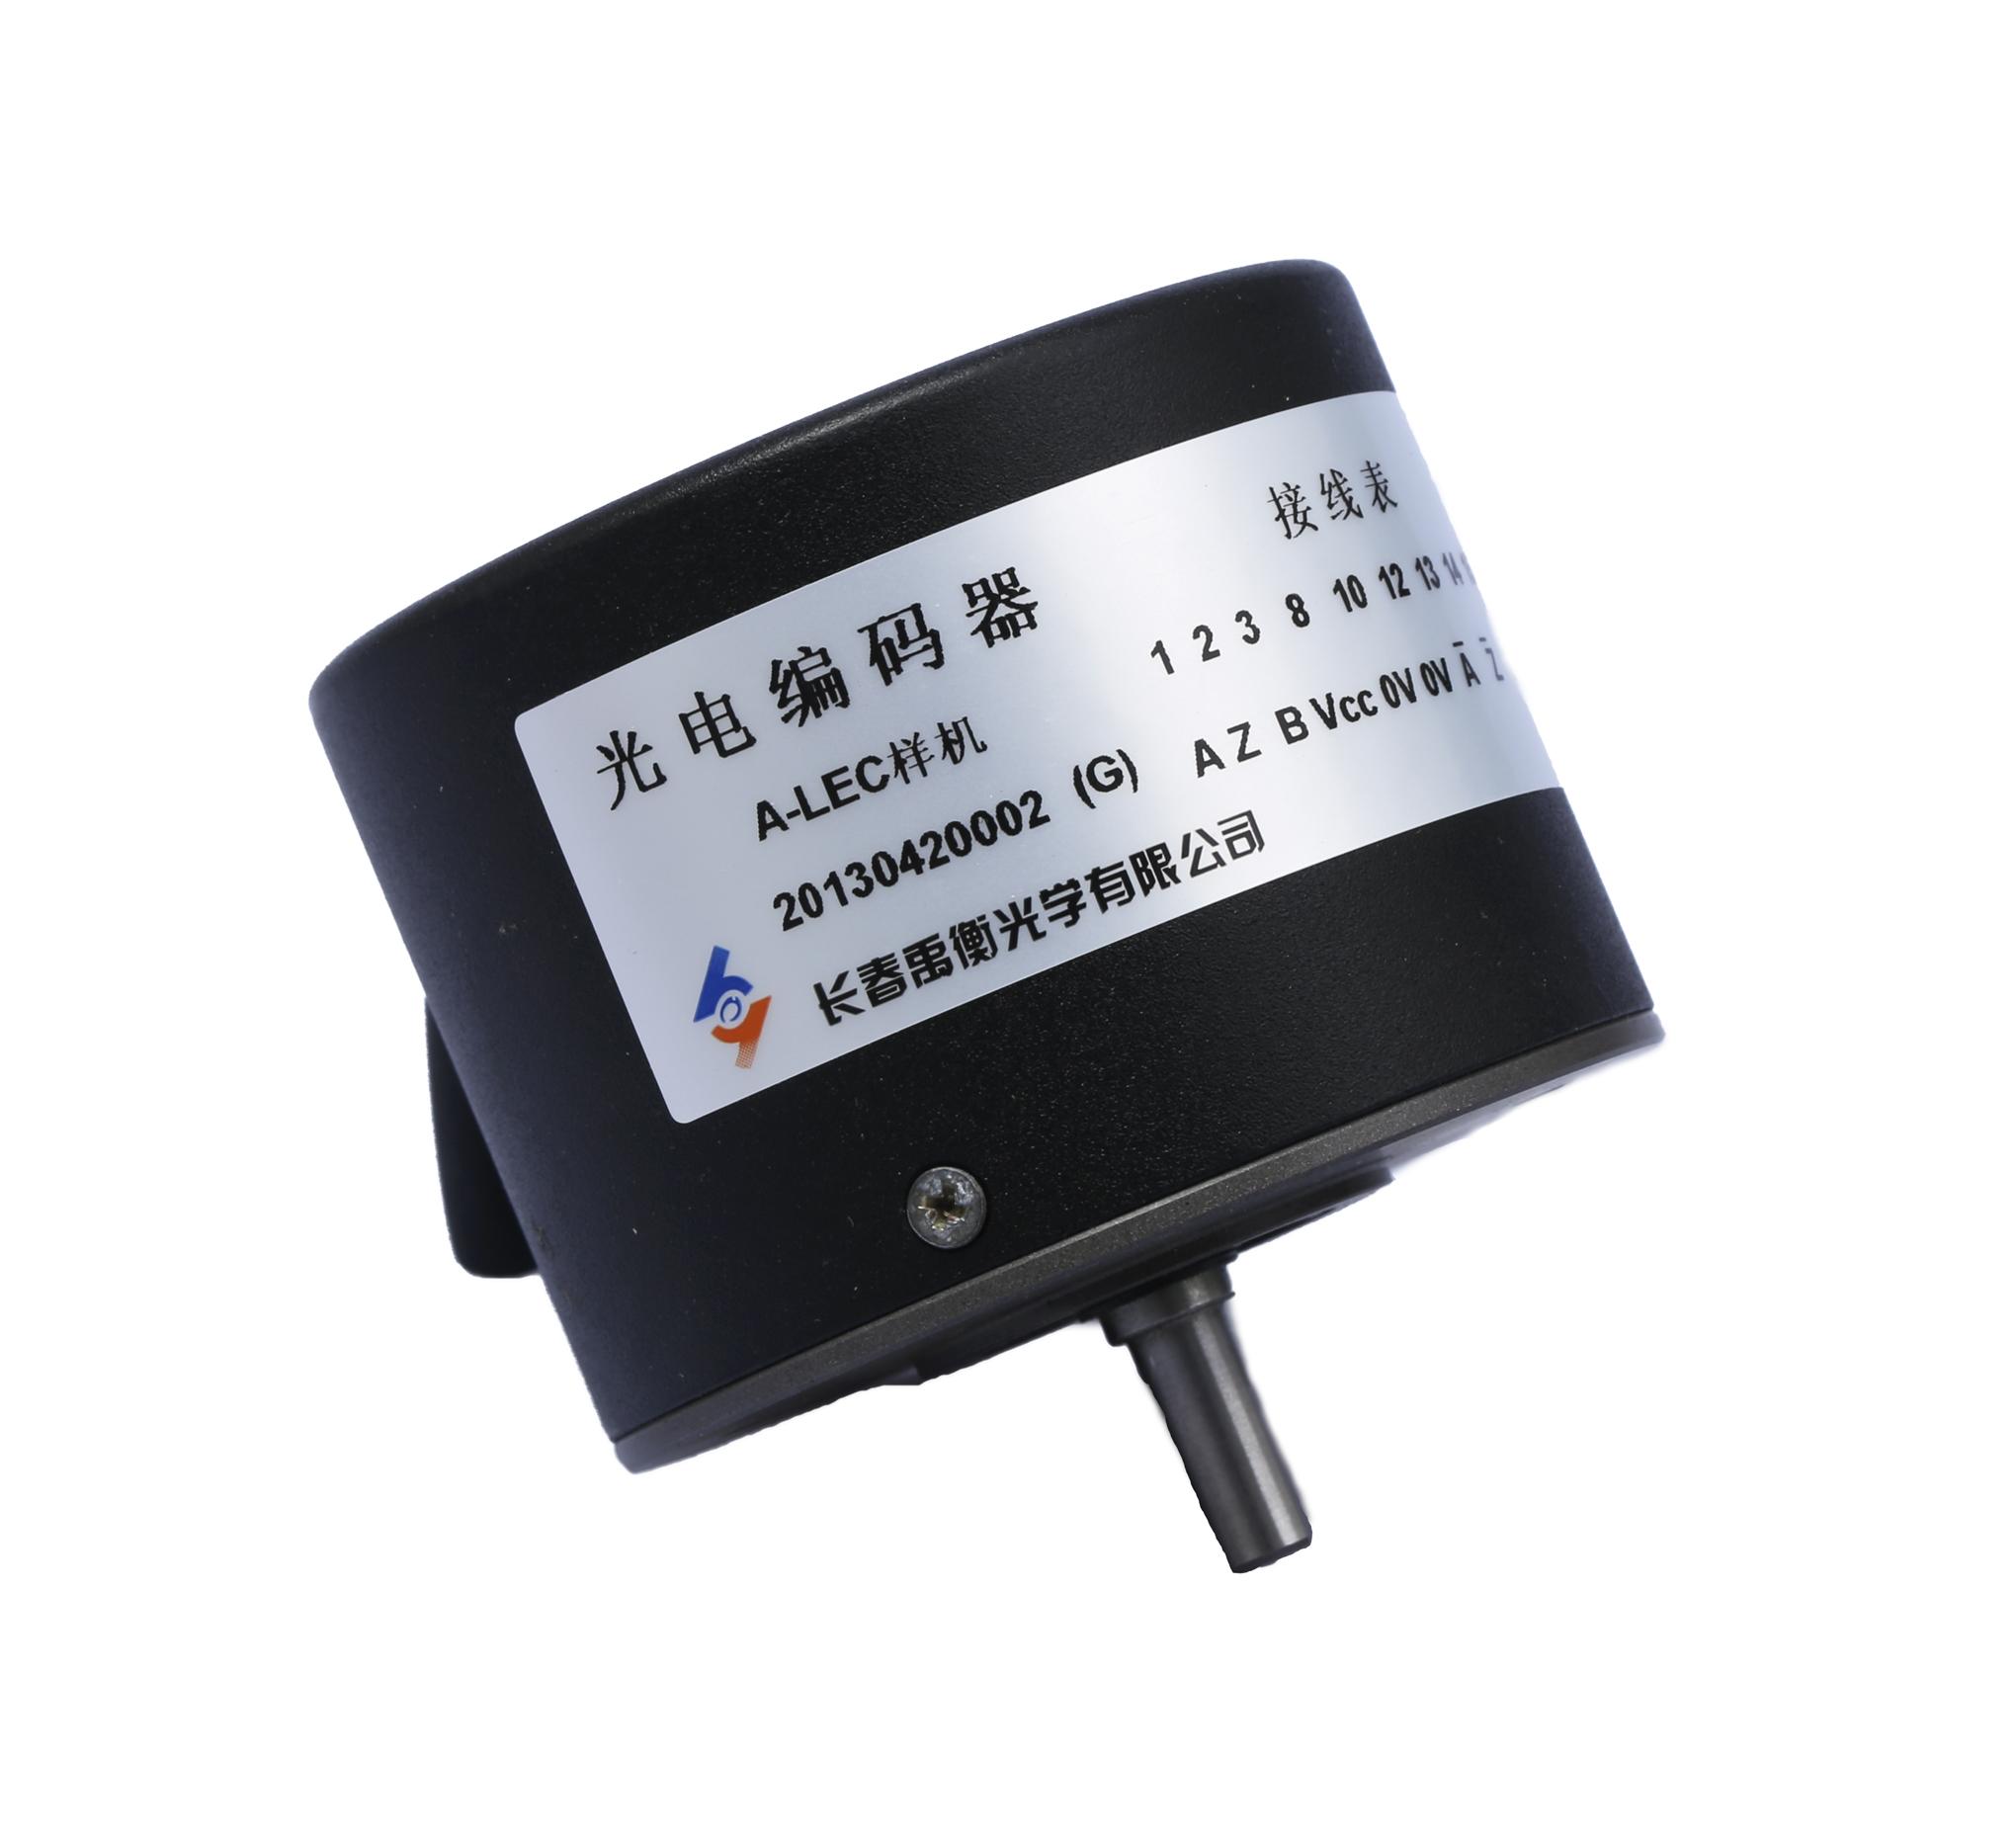 A-LEC 增量式光栅旋转编码器 禹衡光学